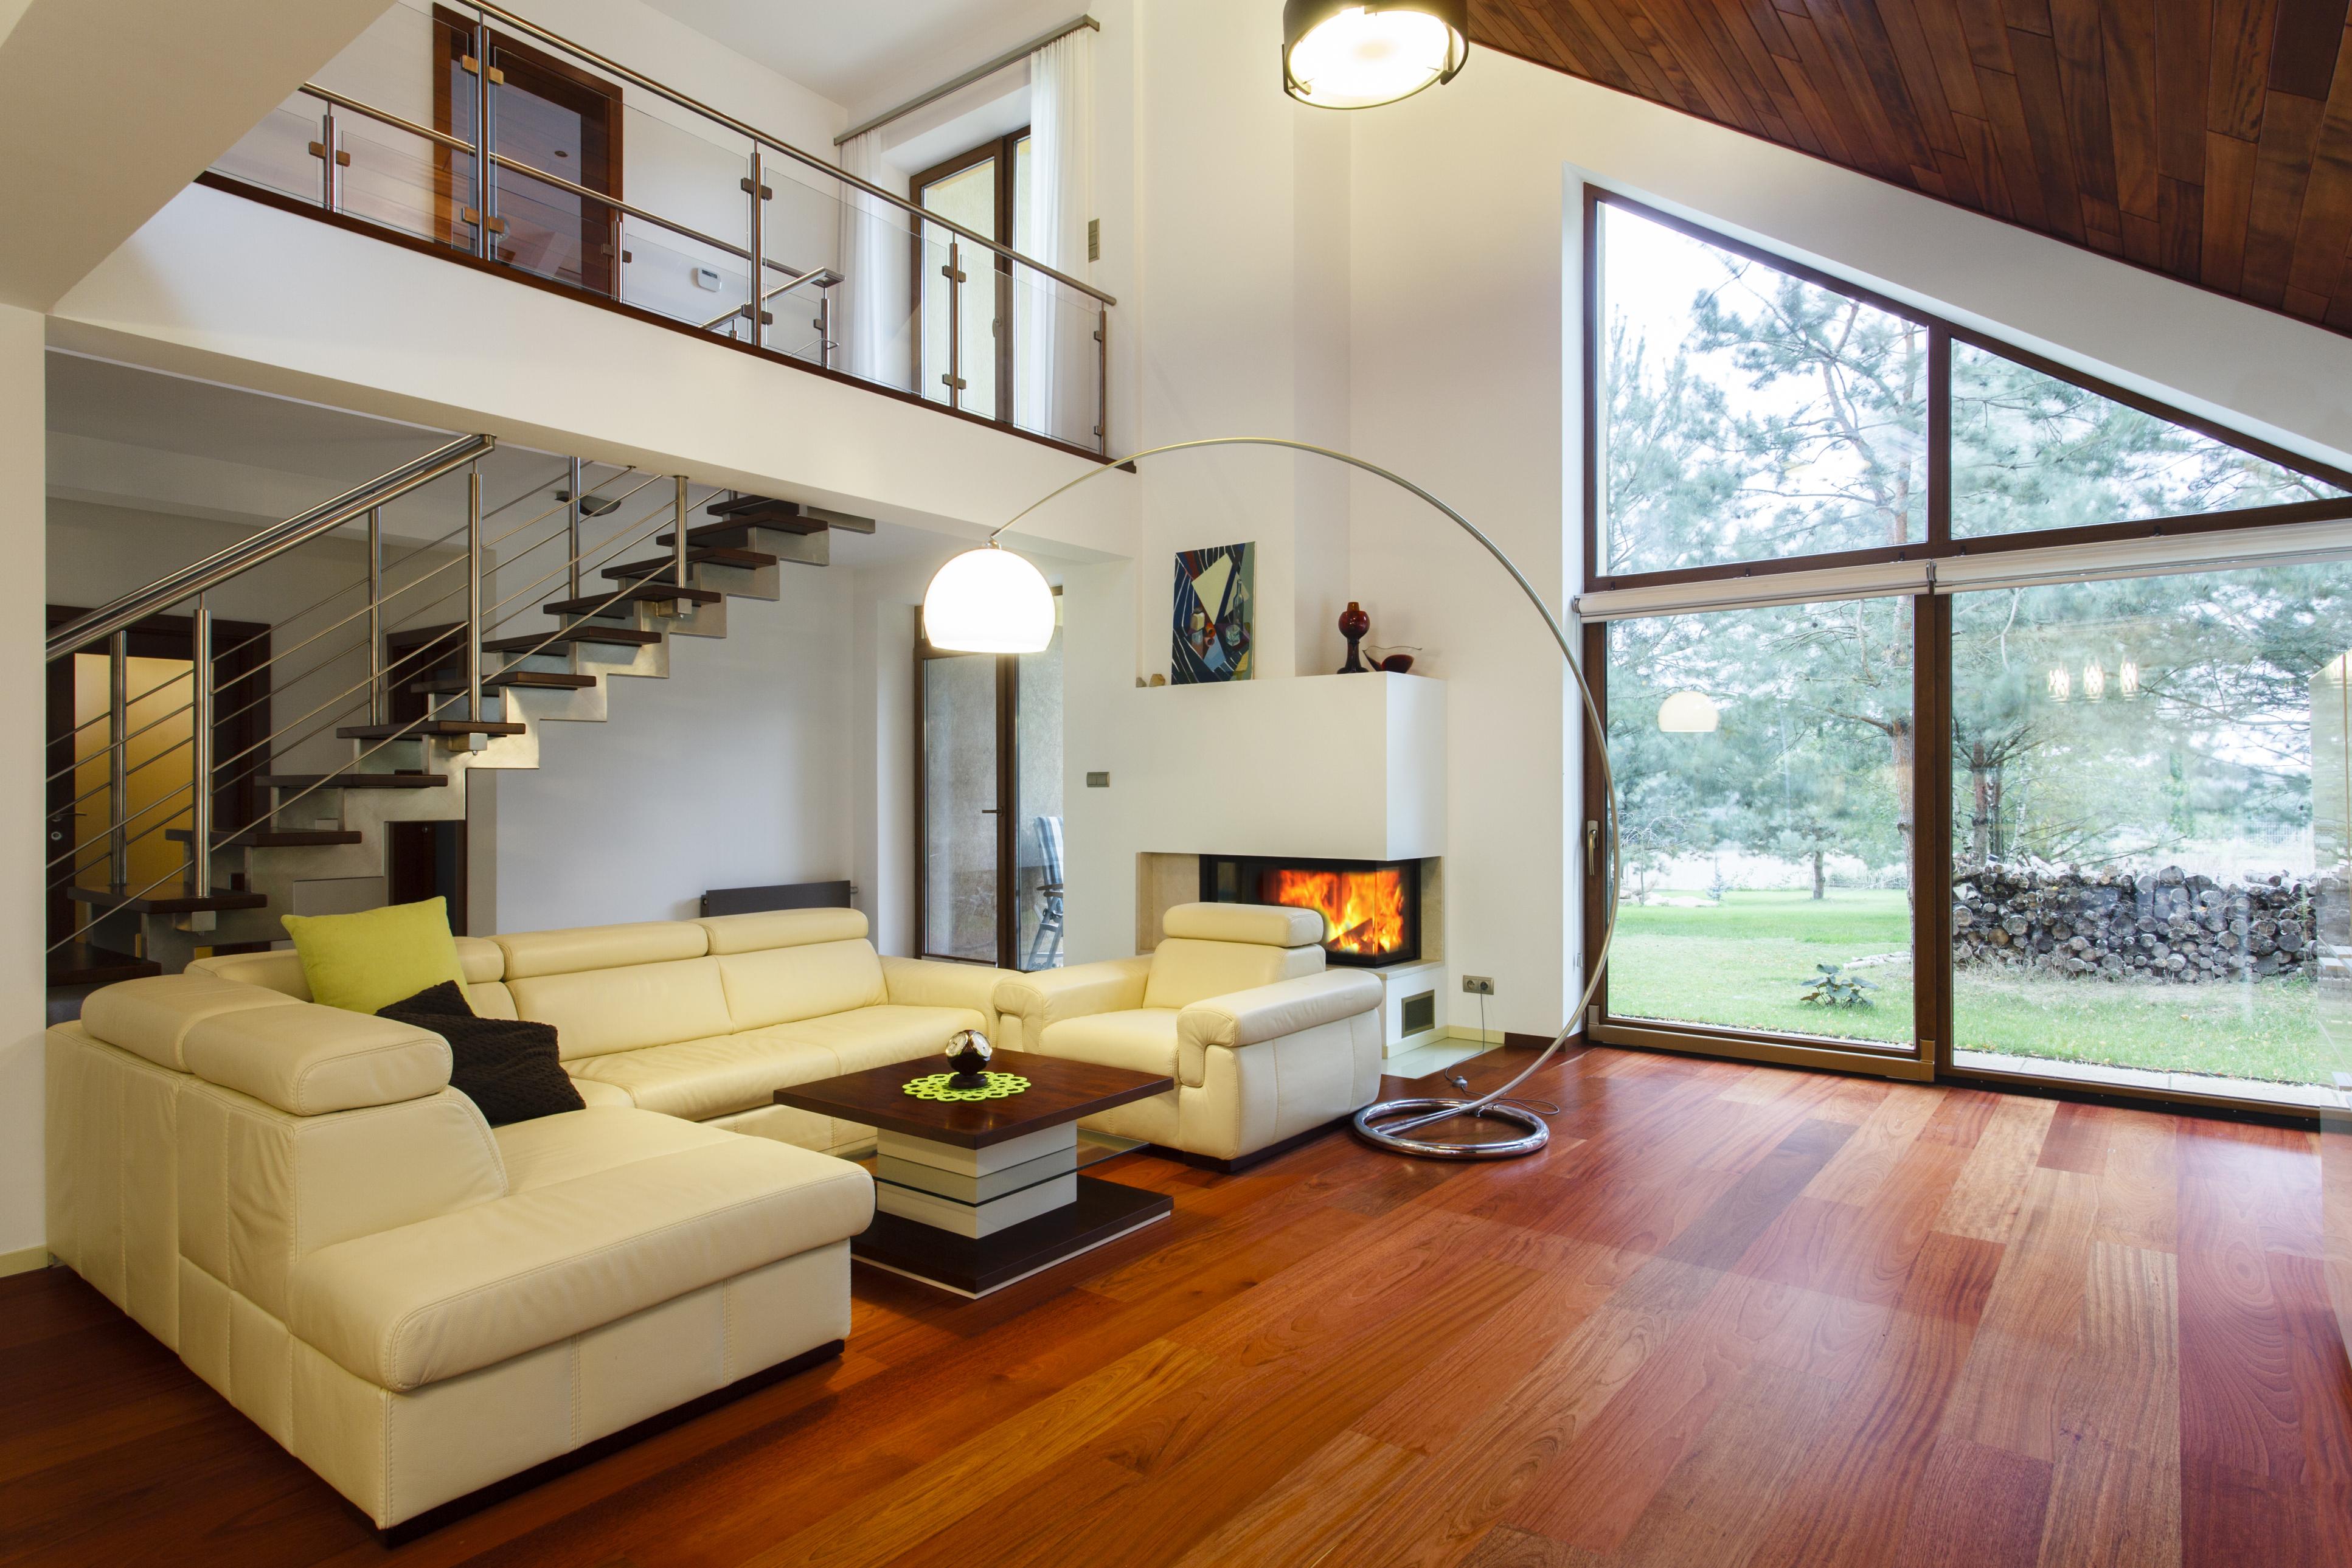 Дизайн квартиры дизайн комнат дизайн интерьера дома